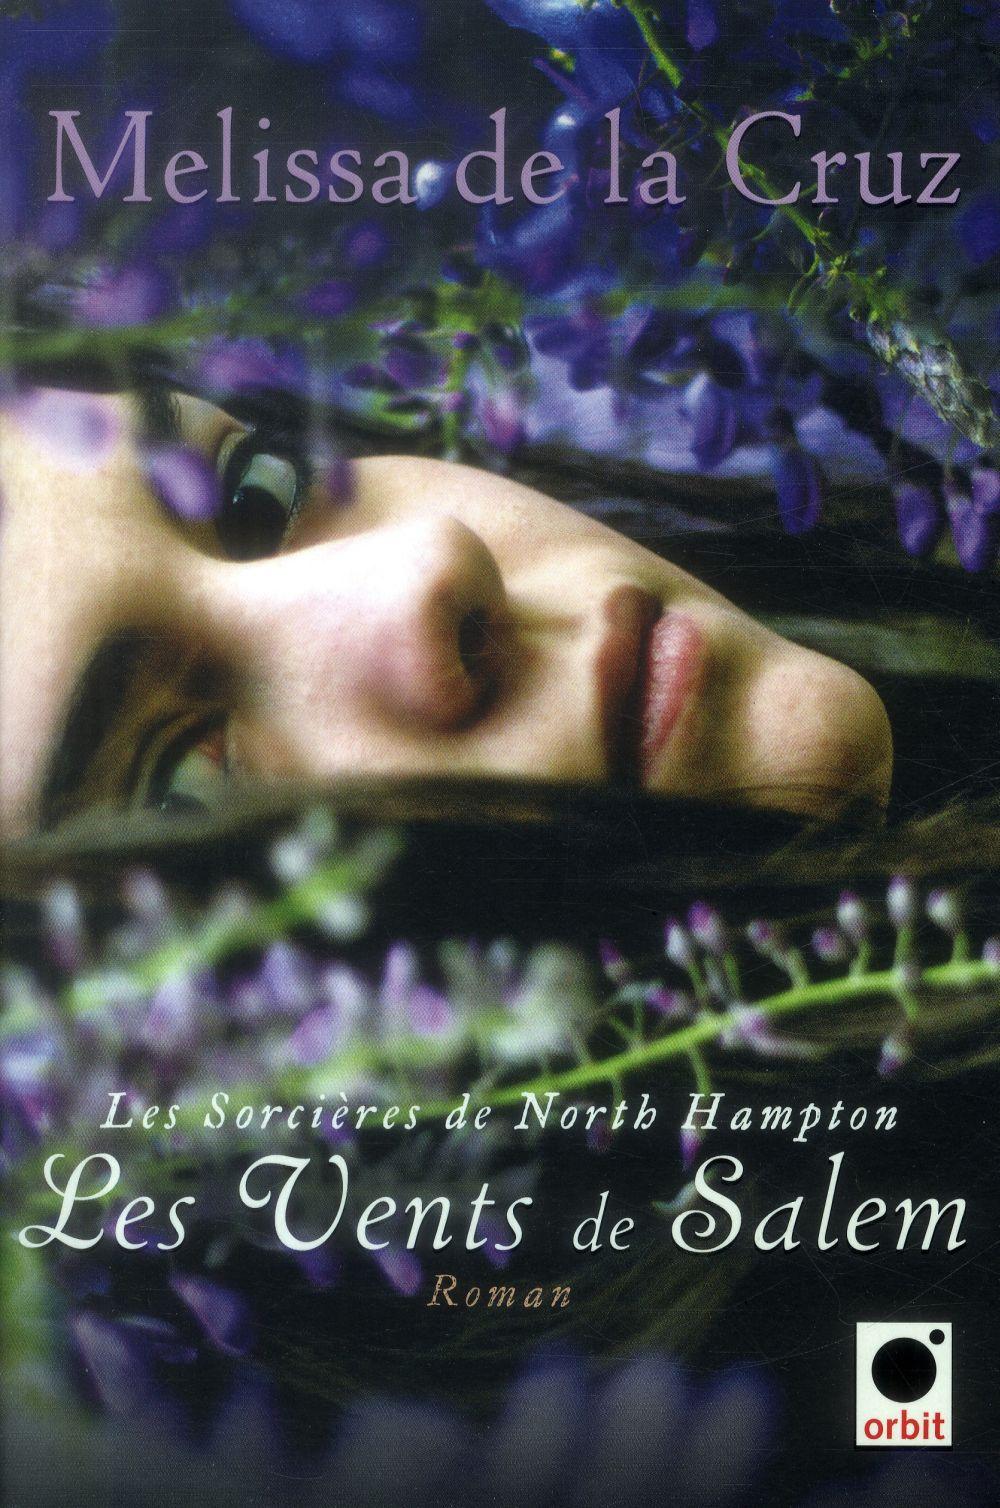 LES VENTS DE SALEM (LES SORCIERES DE NORTH HAMTON***)